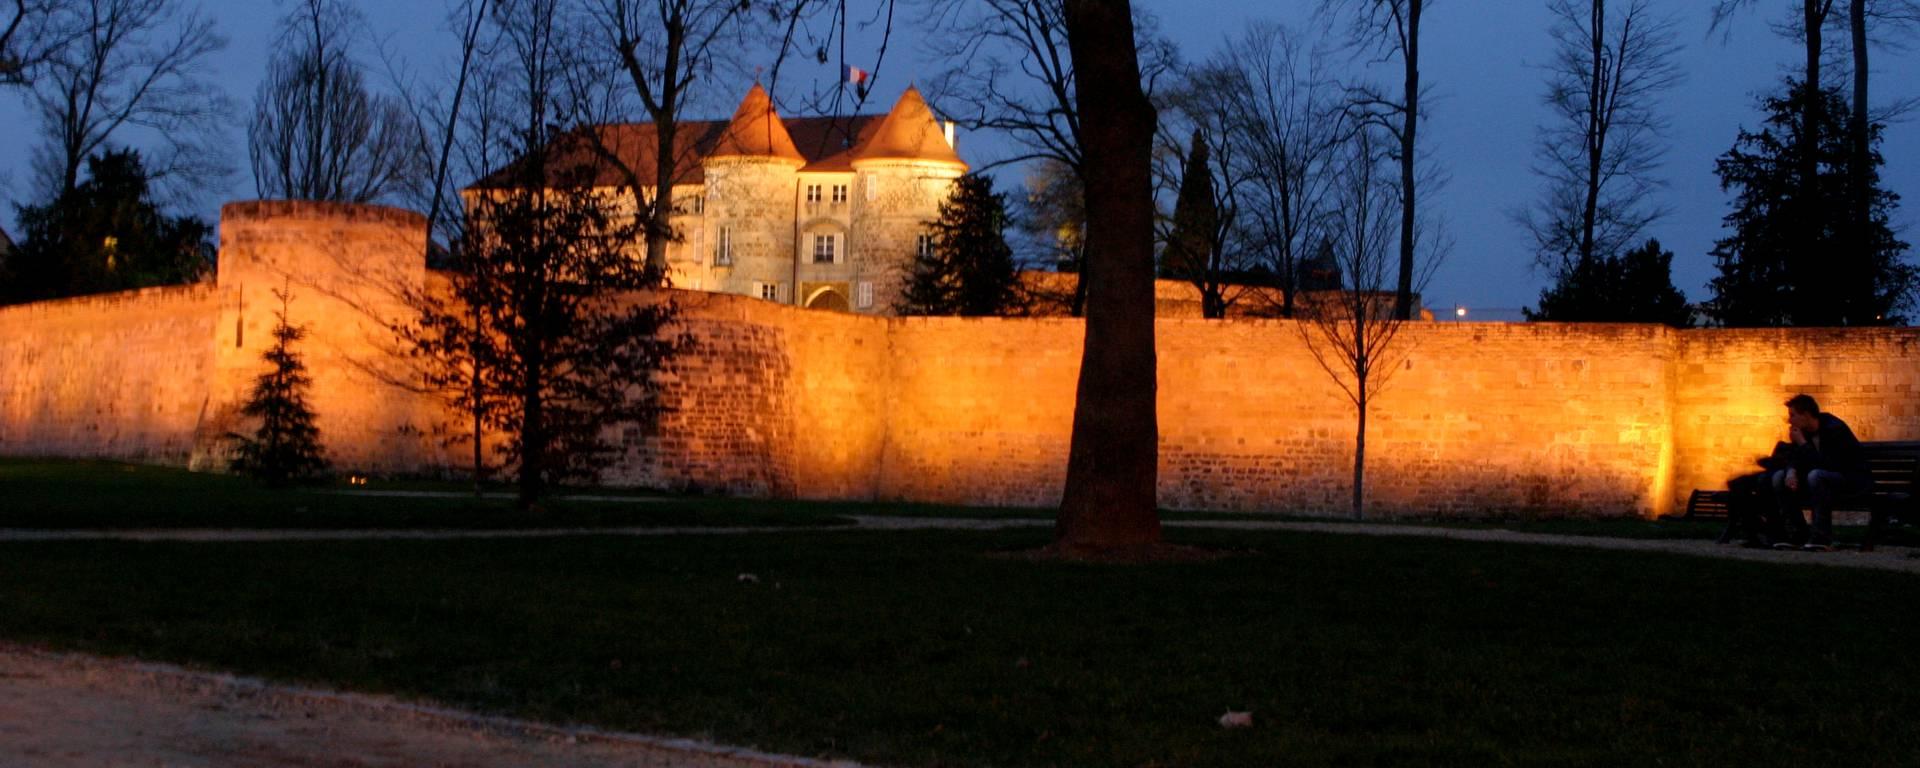 Promenade des remparts la nuit